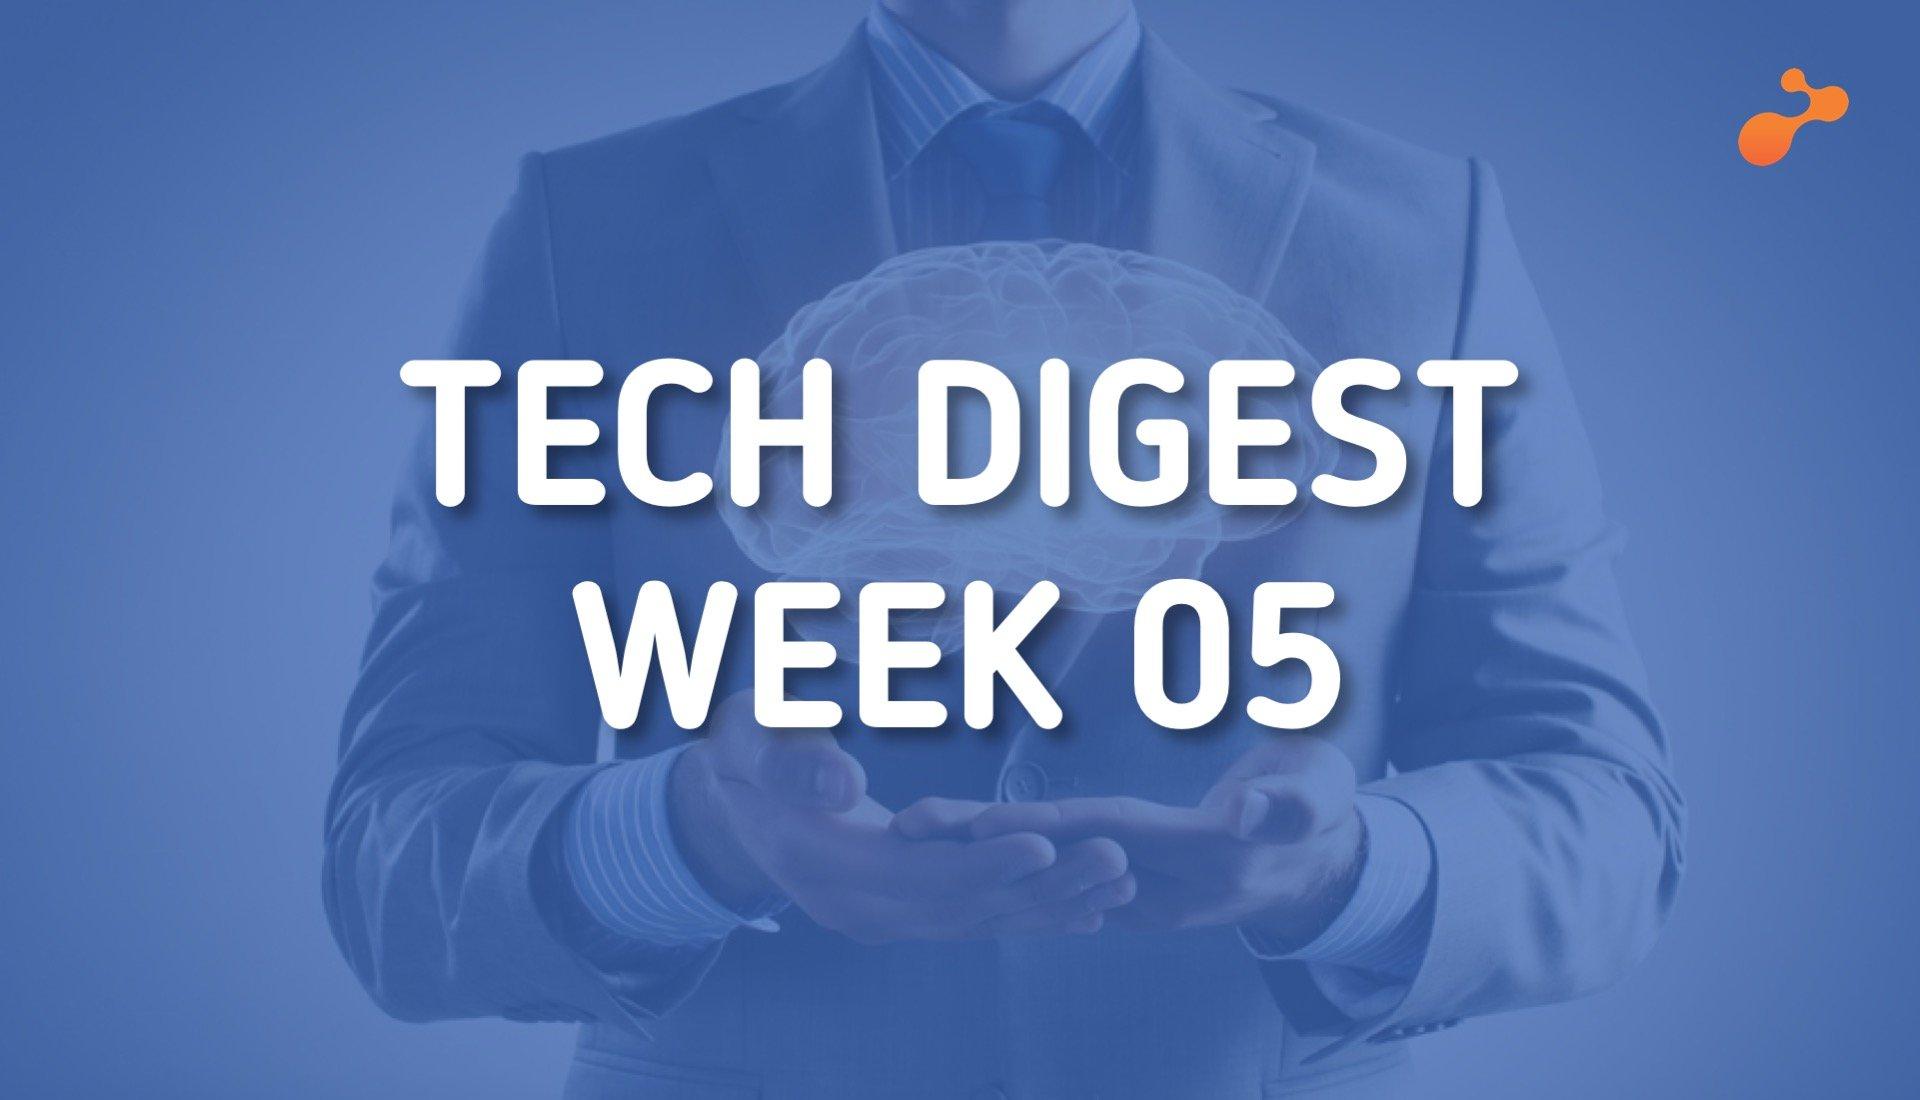 tech-digest-week-05